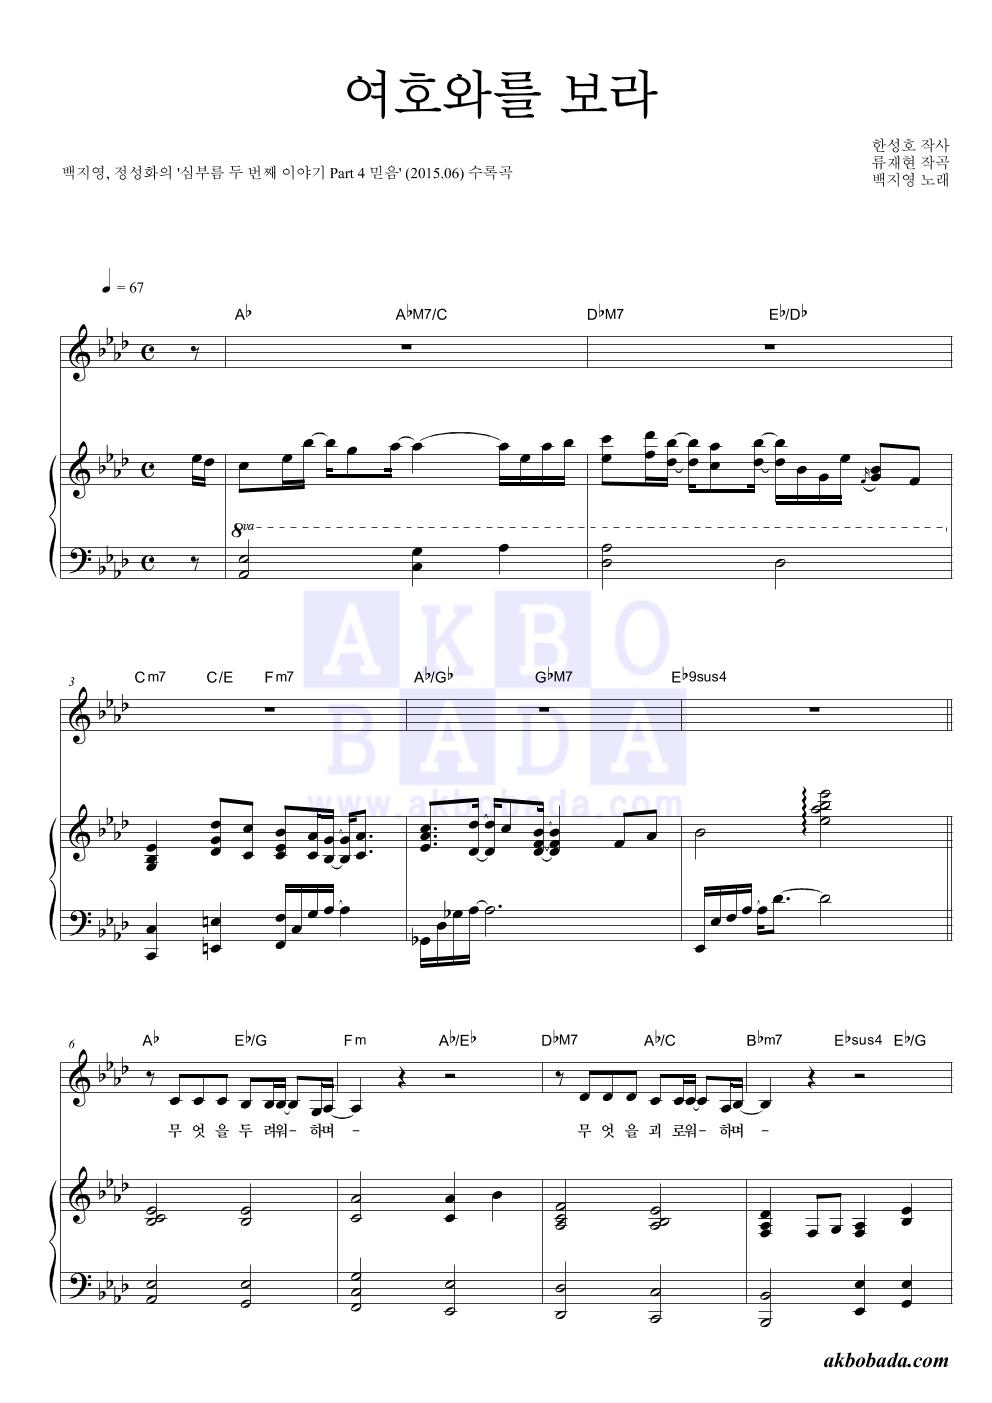 백지영 - 여호와를 보라 피아노 3단 악보